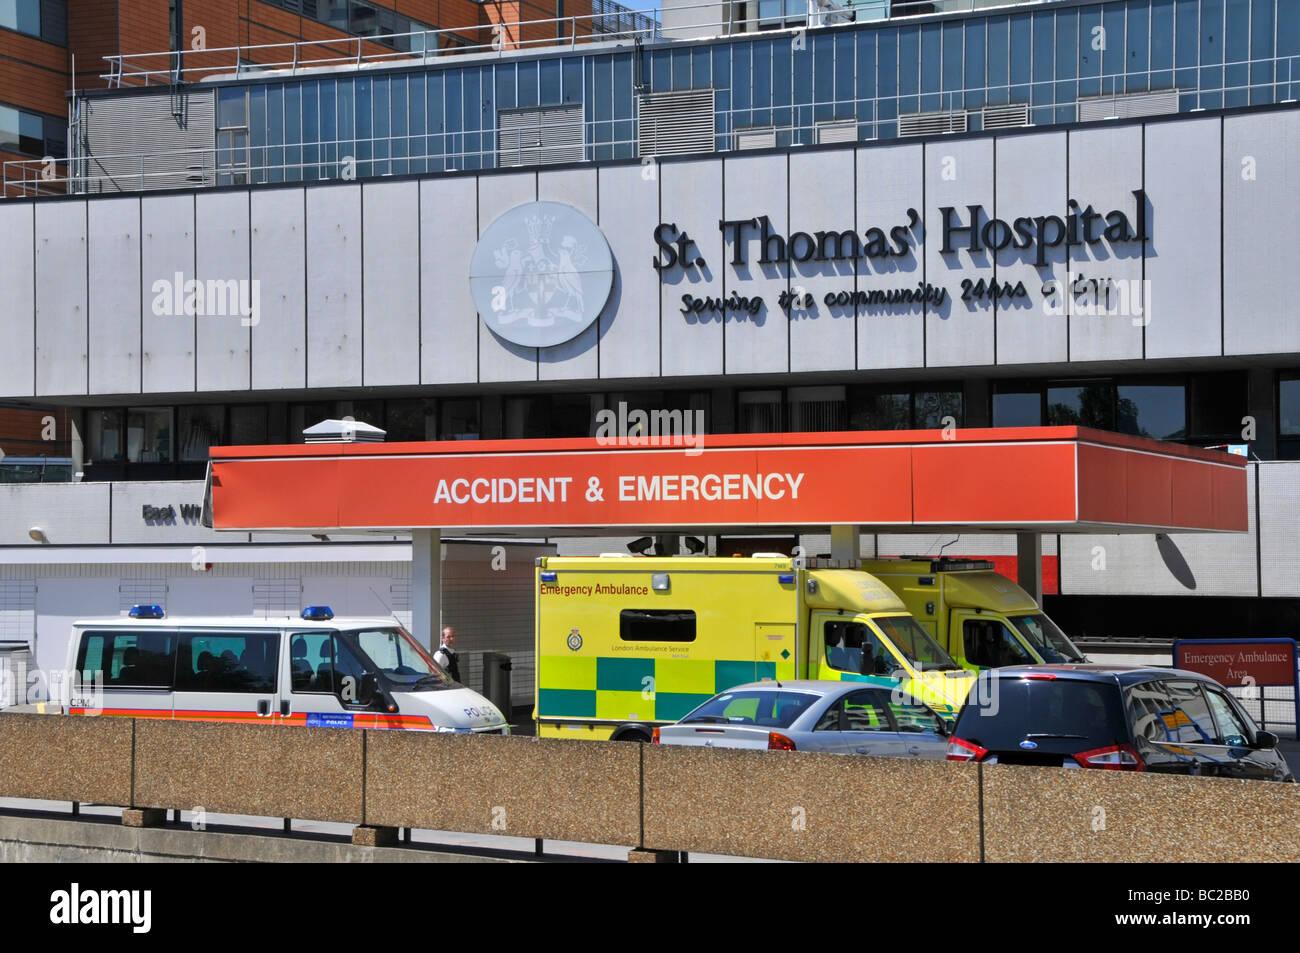 St Thomas Hospital Accident and Emergency ambulances - Stock Image